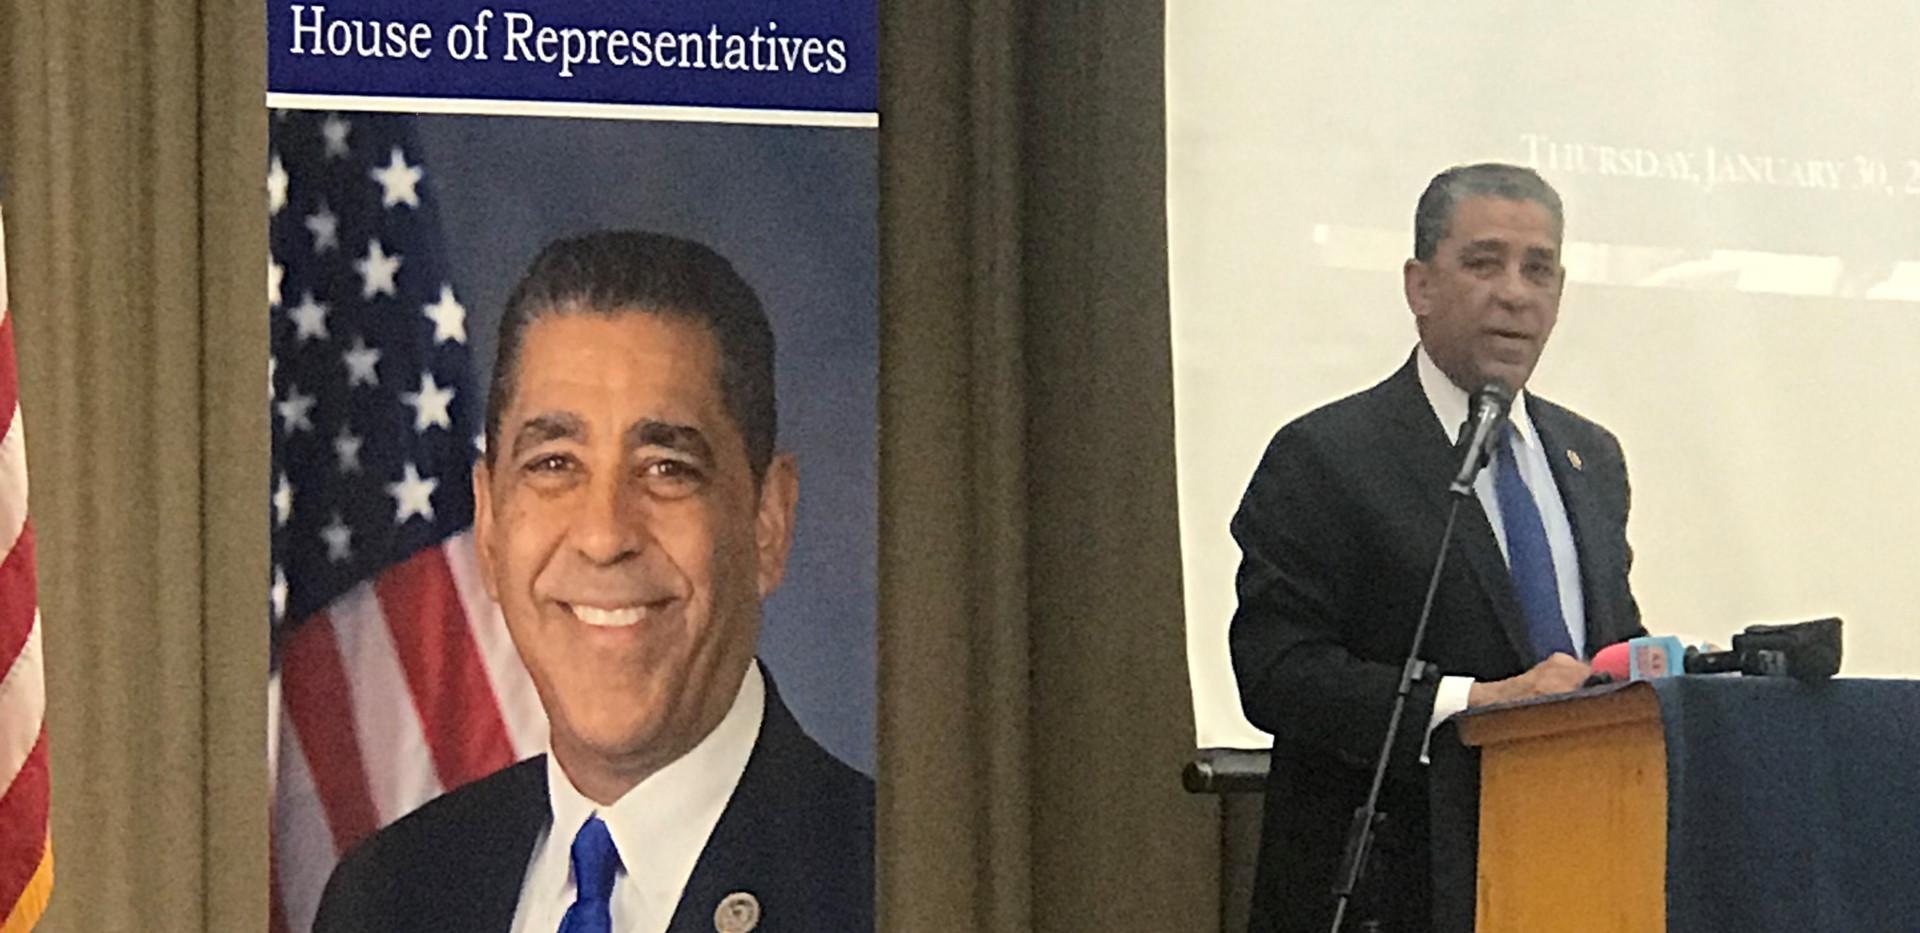 Congressman Adriano Espaillat giving his